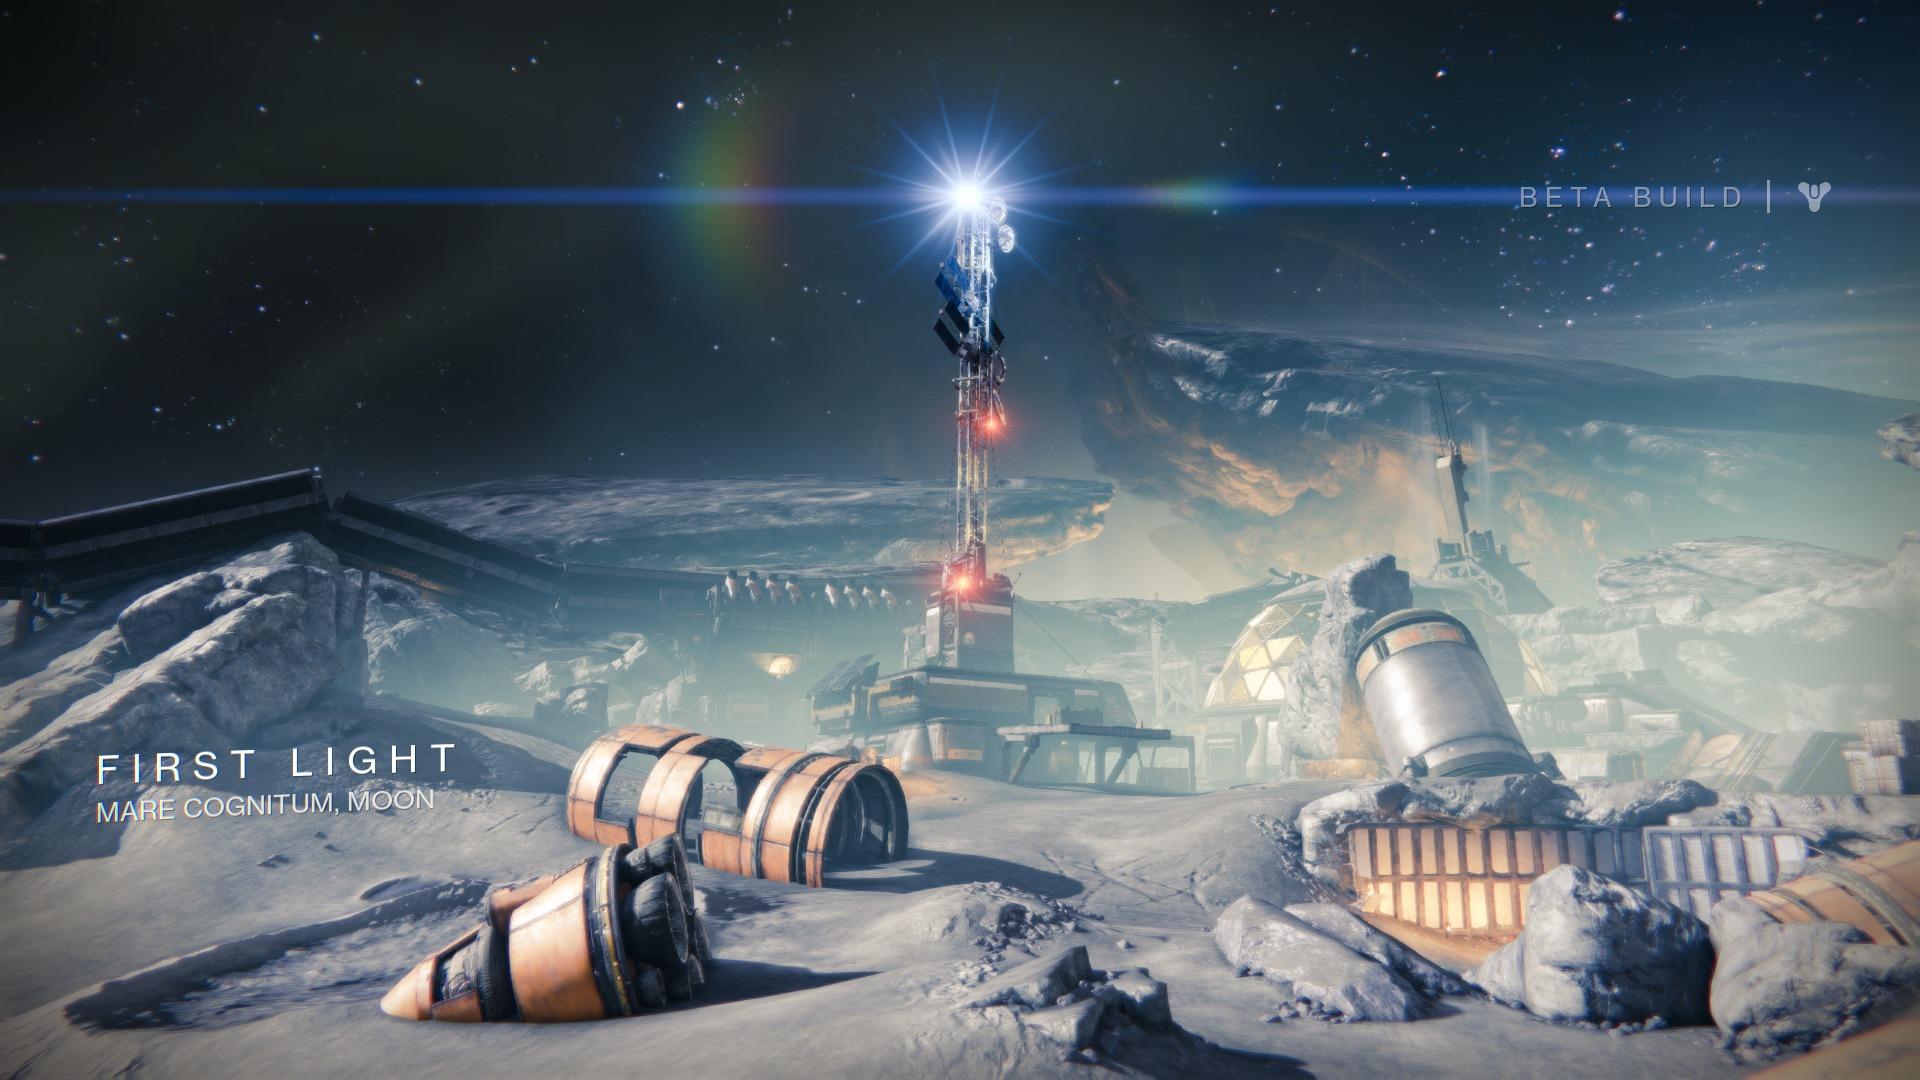 moon base beta - photo #47